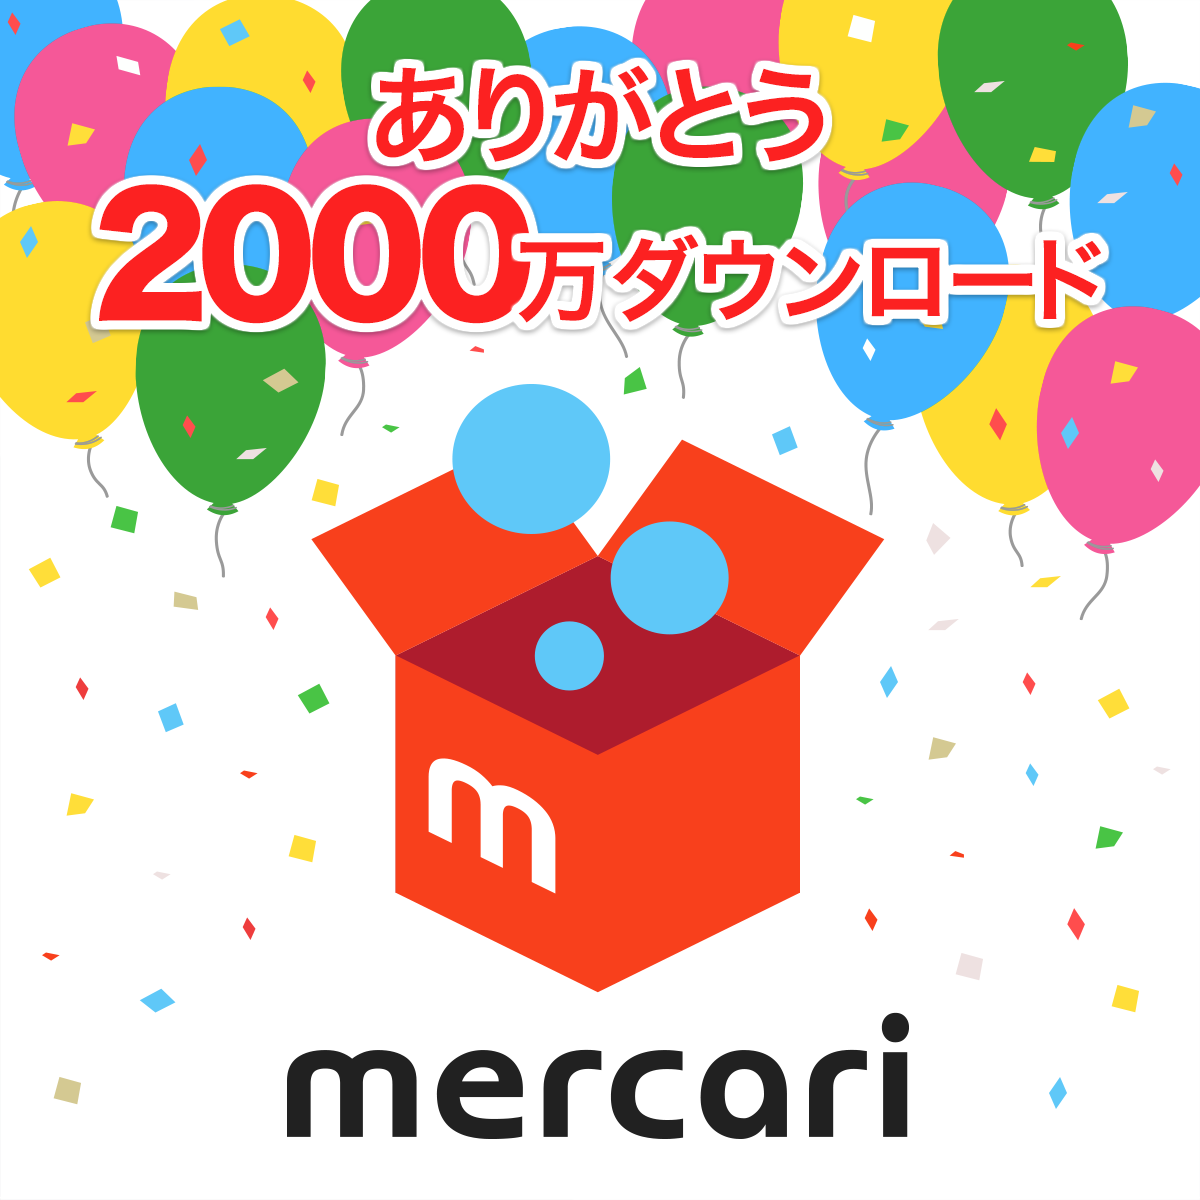 フリマアプリ「メルカリ」、新クリエイティブのテレビCM開始と日本国内2,000万ダウンロード突破のお知らせ